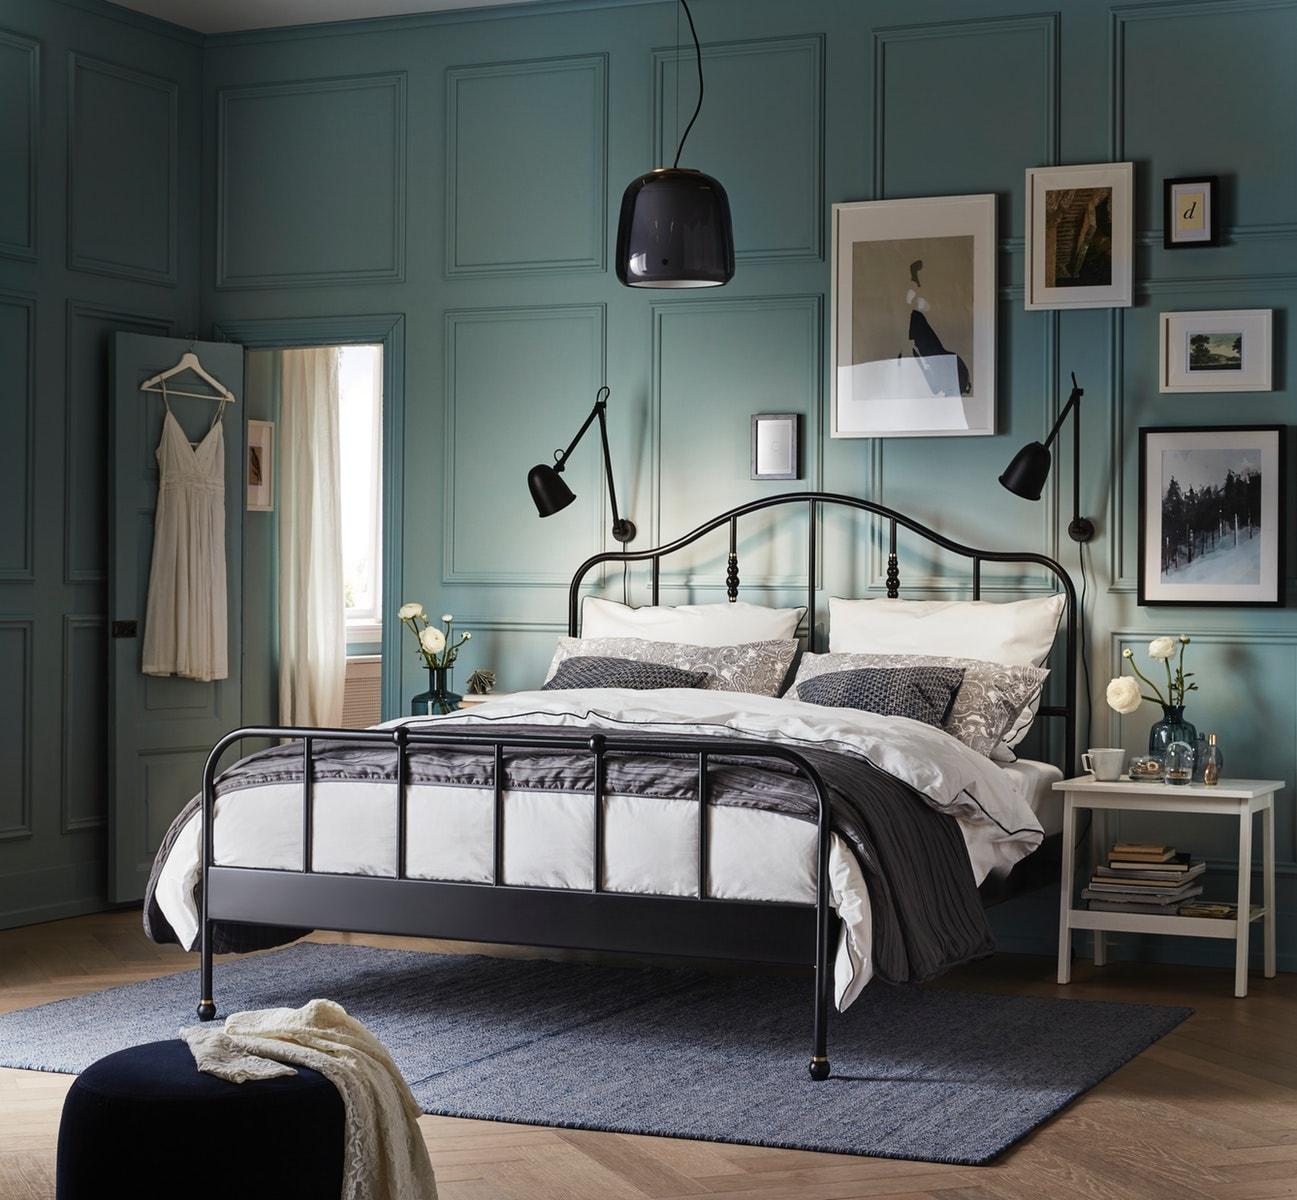 Ein kreatives, grünes Schlafzimmer mit schwarzem Doppelbett, weißem Bestelltisch und blauem Teppich.